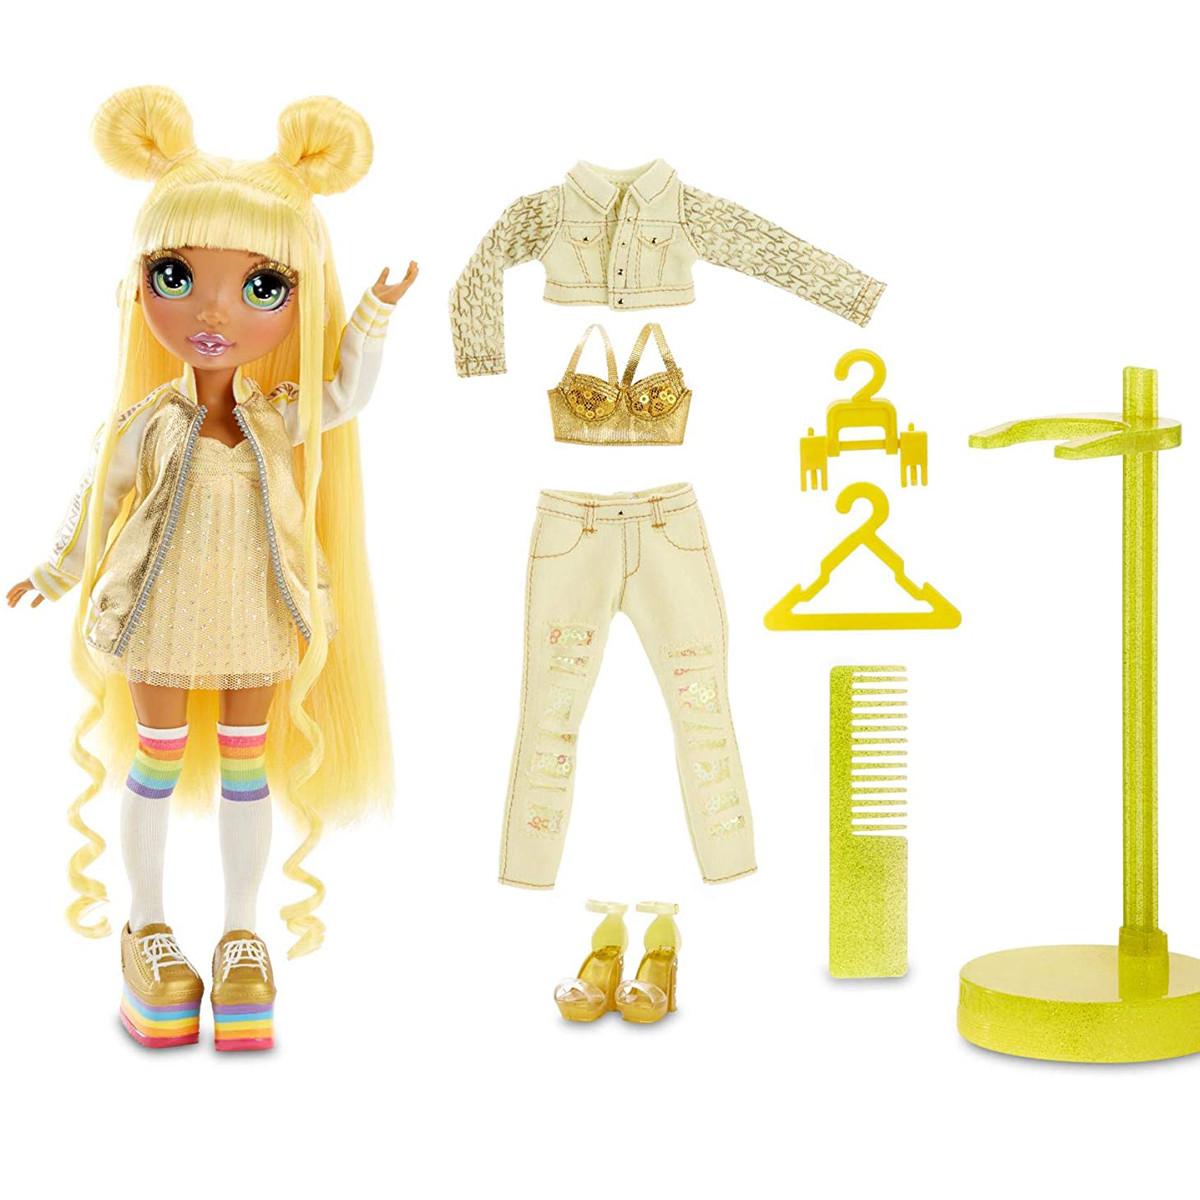 Кукла Радуга Рейнбоу Хай Санни Медисон Rainbow Surprise Rainbow High Sunny Madison Желтая